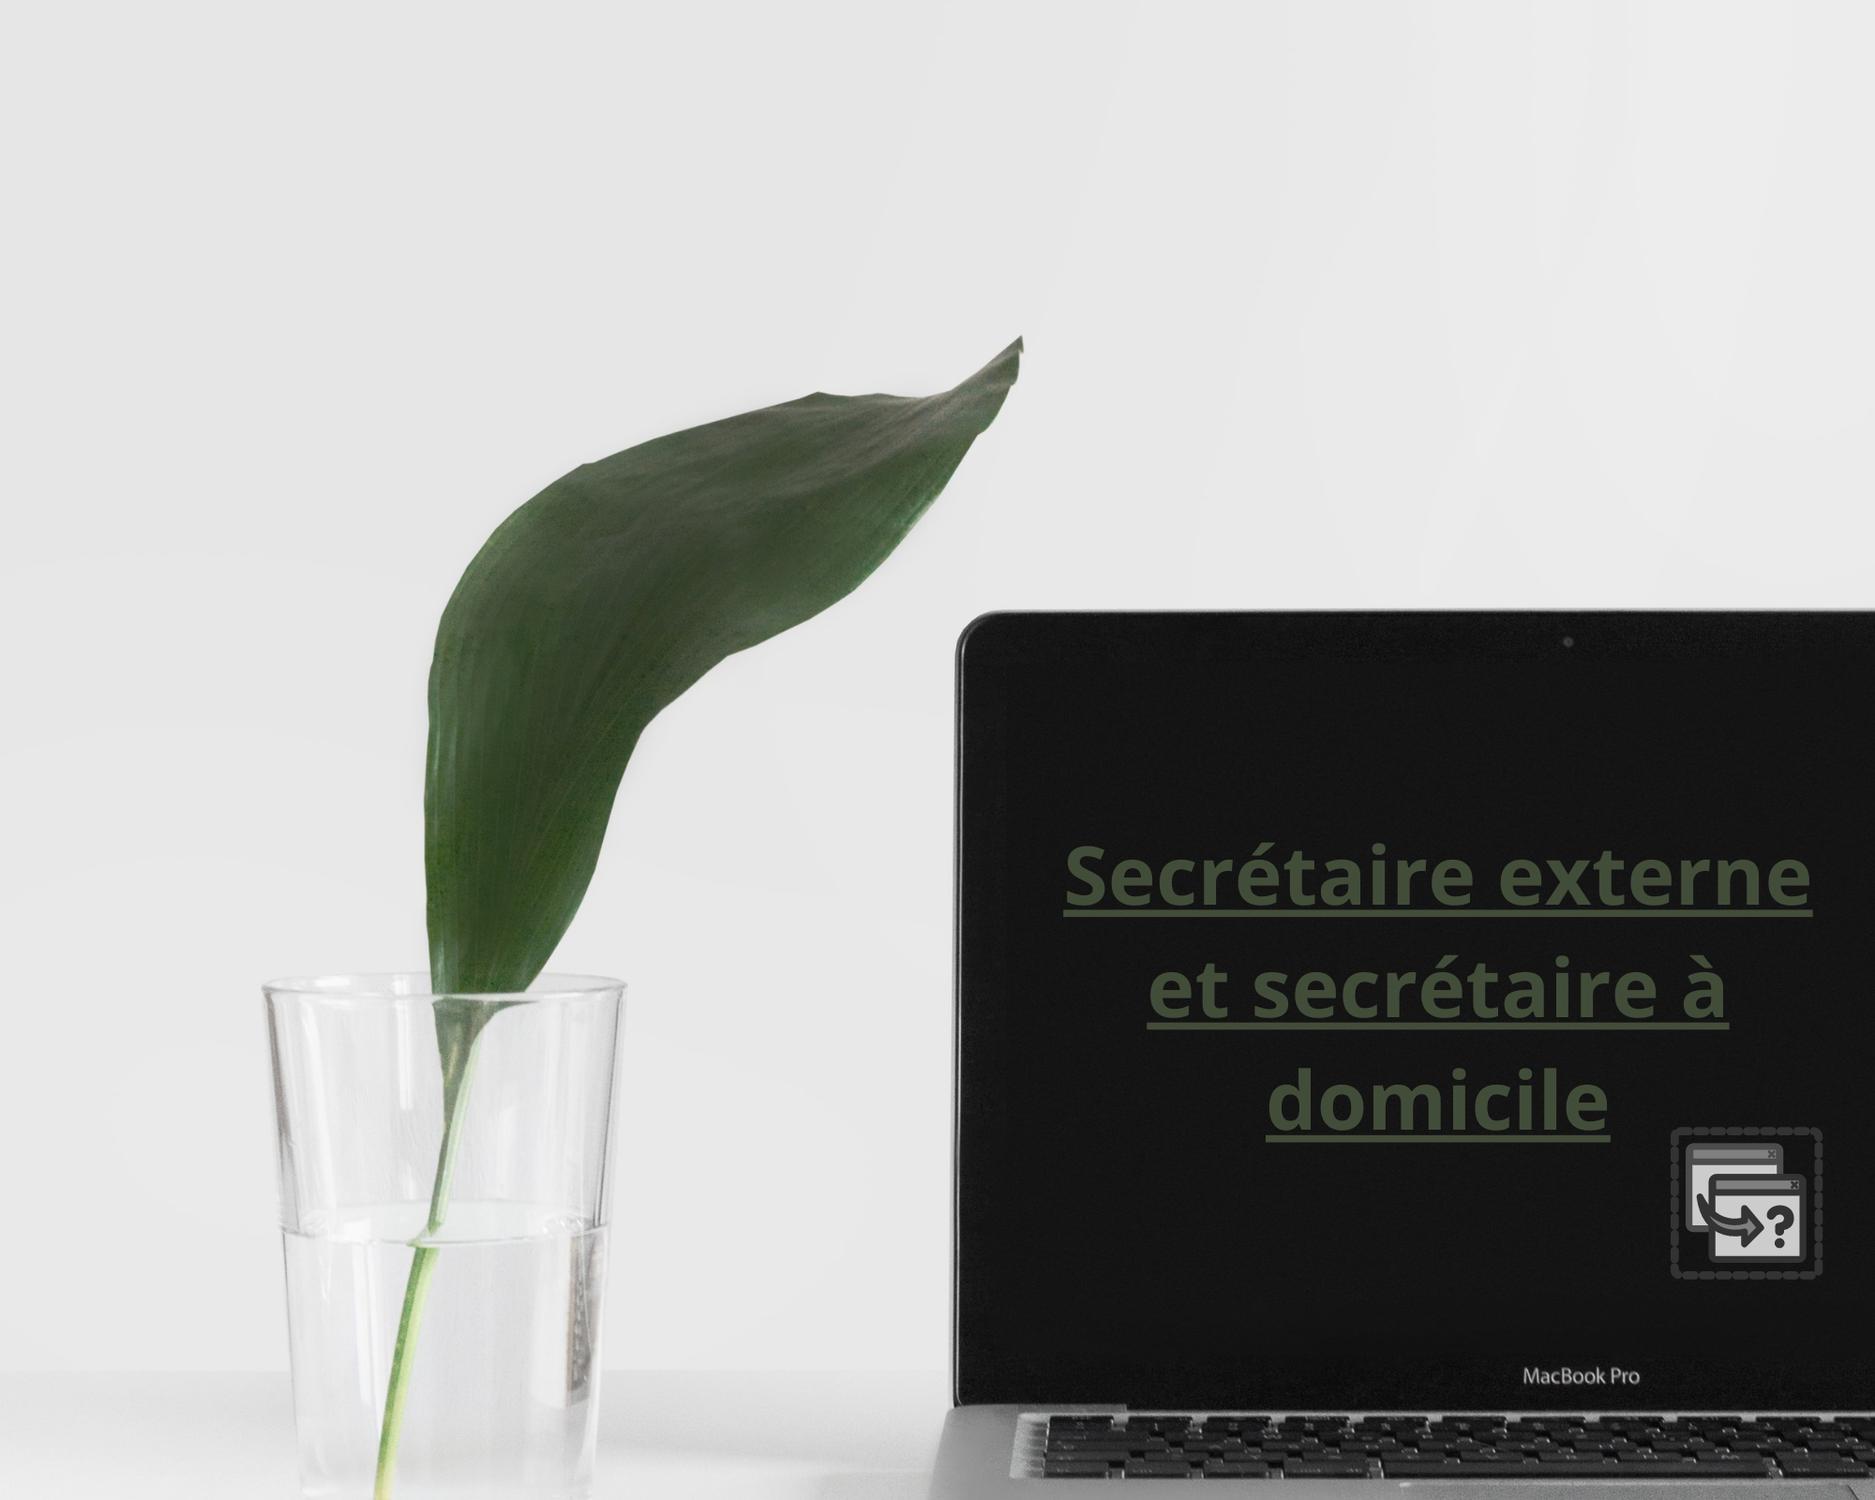 Quelle différence entre secrétaire externe et secrétaire à domicile ?